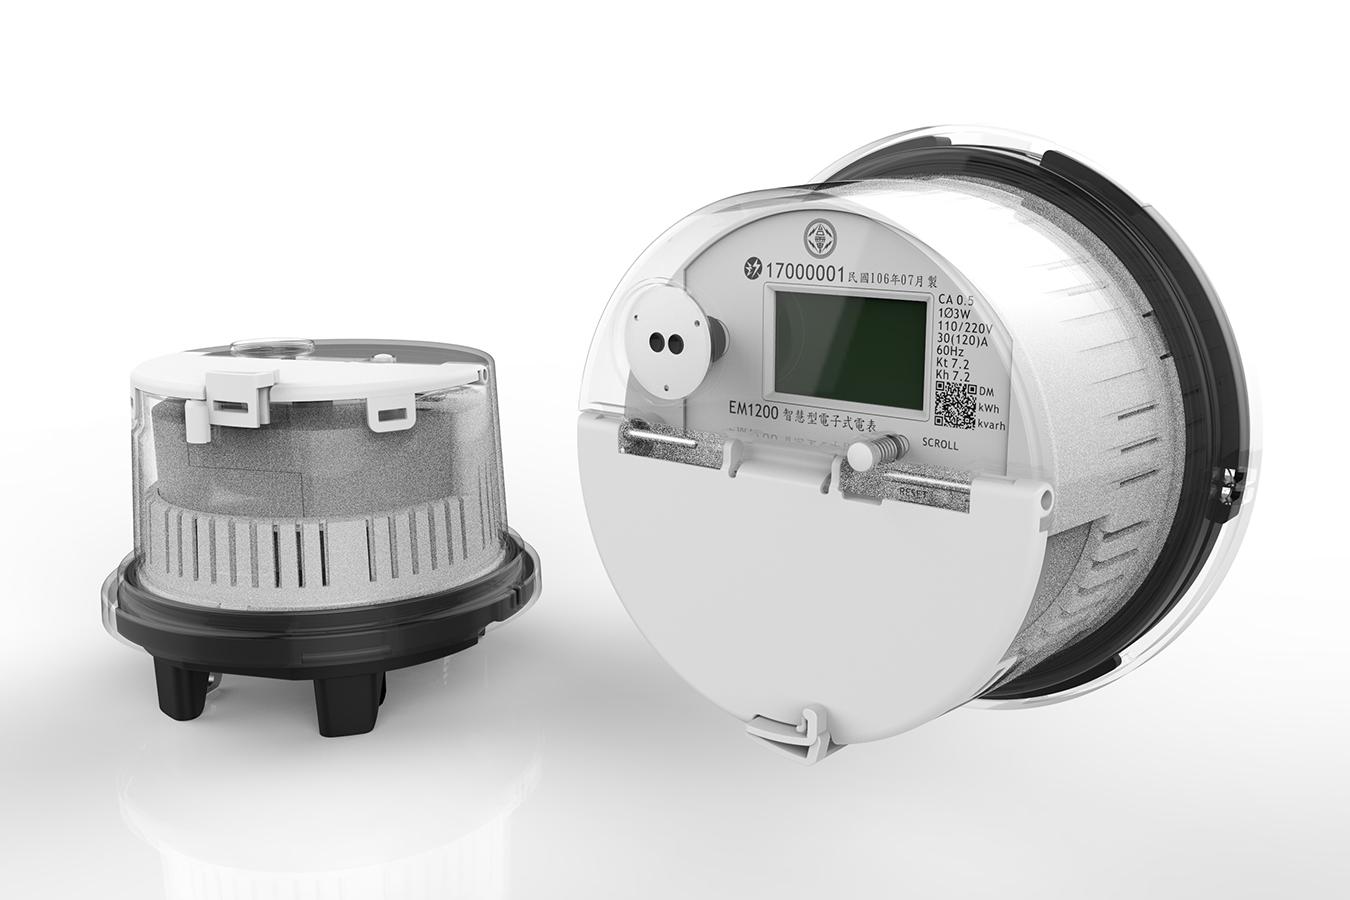 AD120單向二線智慧電表示範設計